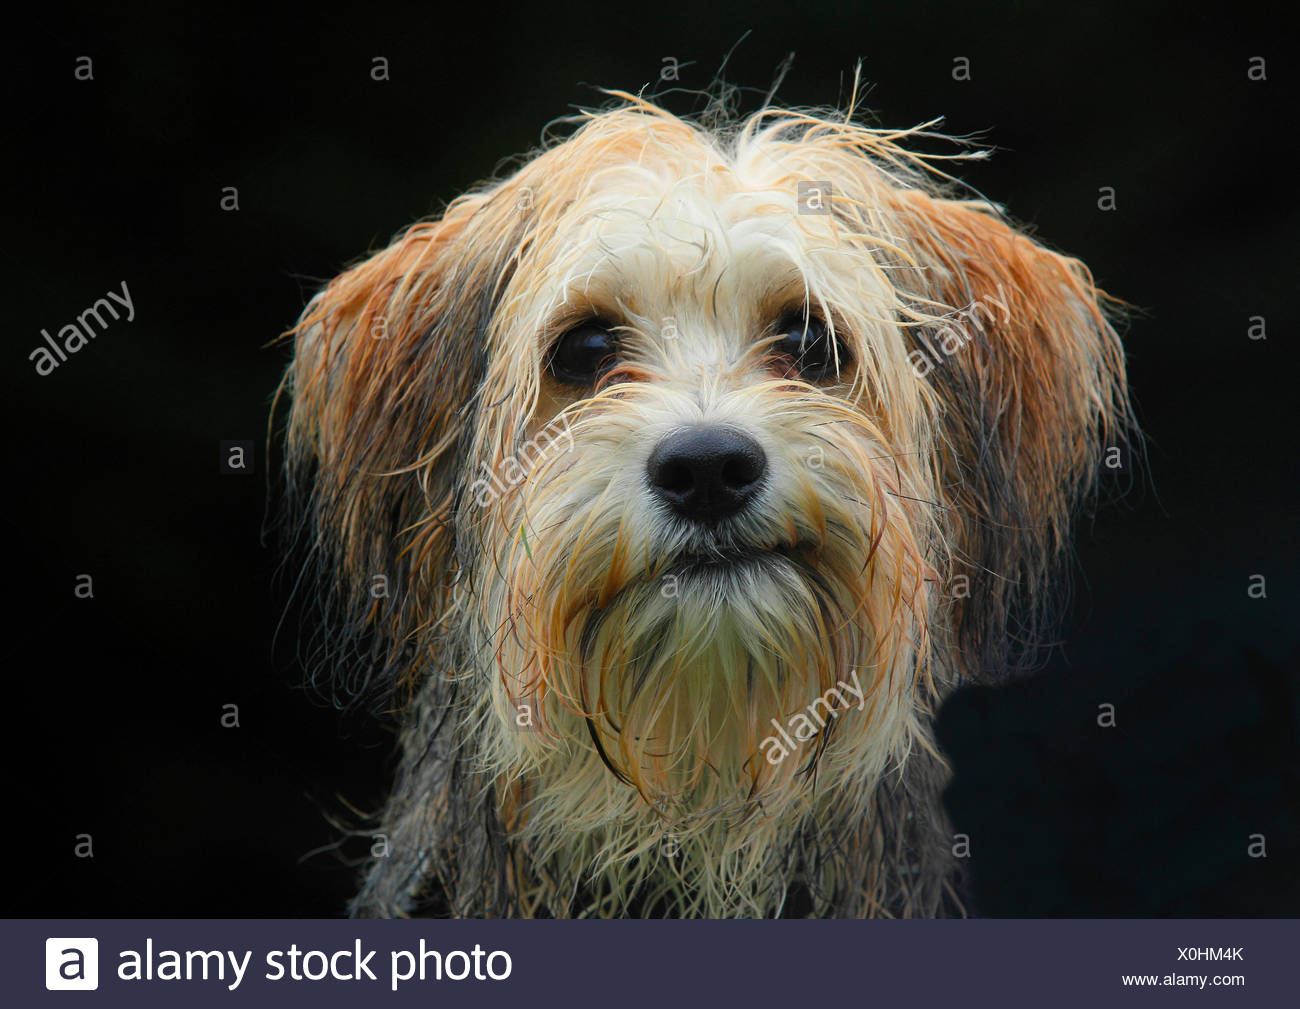 Perro de raza mixta (Canis lupus familiaris) f., de cinco meses de edad macho Chihuahua maltés perro de raza mixta, retrato con fondo negro, Alemania Imagen De Stock